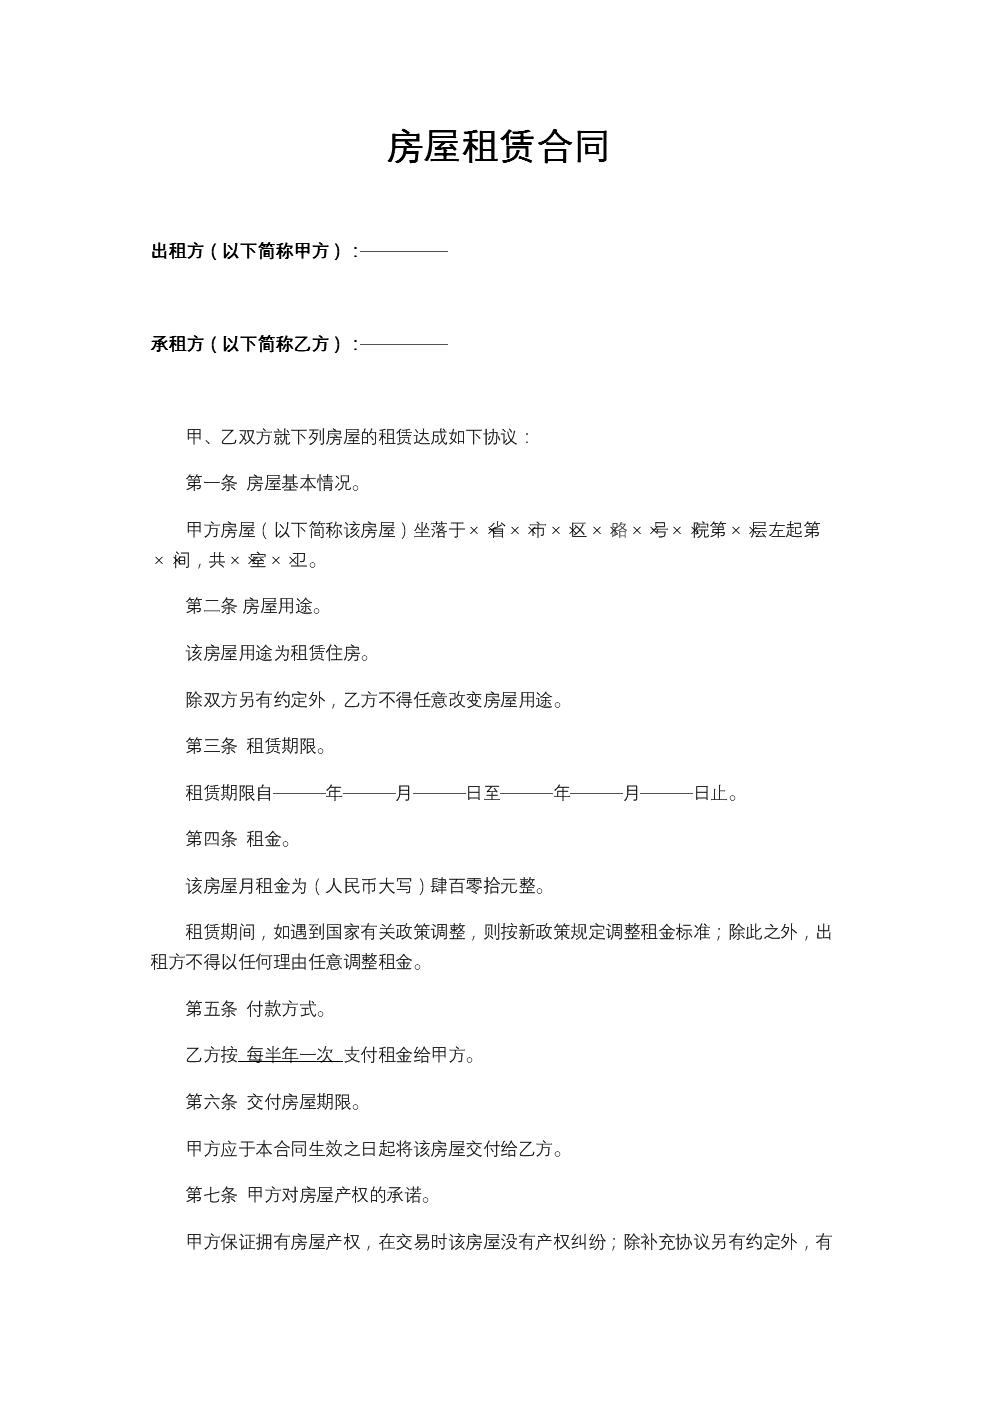 最新版本房屋租赁合同模板.doc